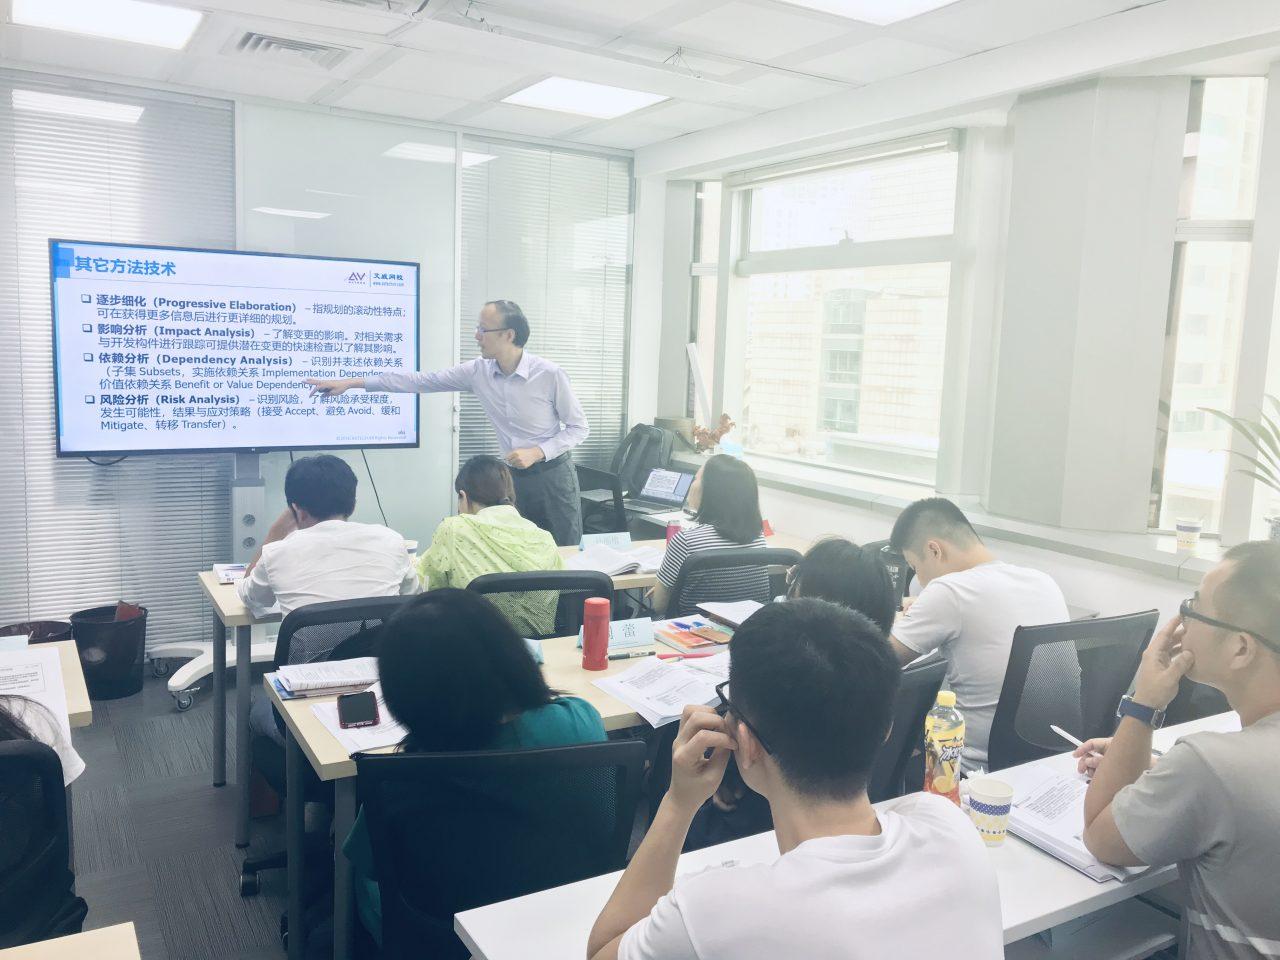 第19期PBA商业分析师培训上海班成功举办!